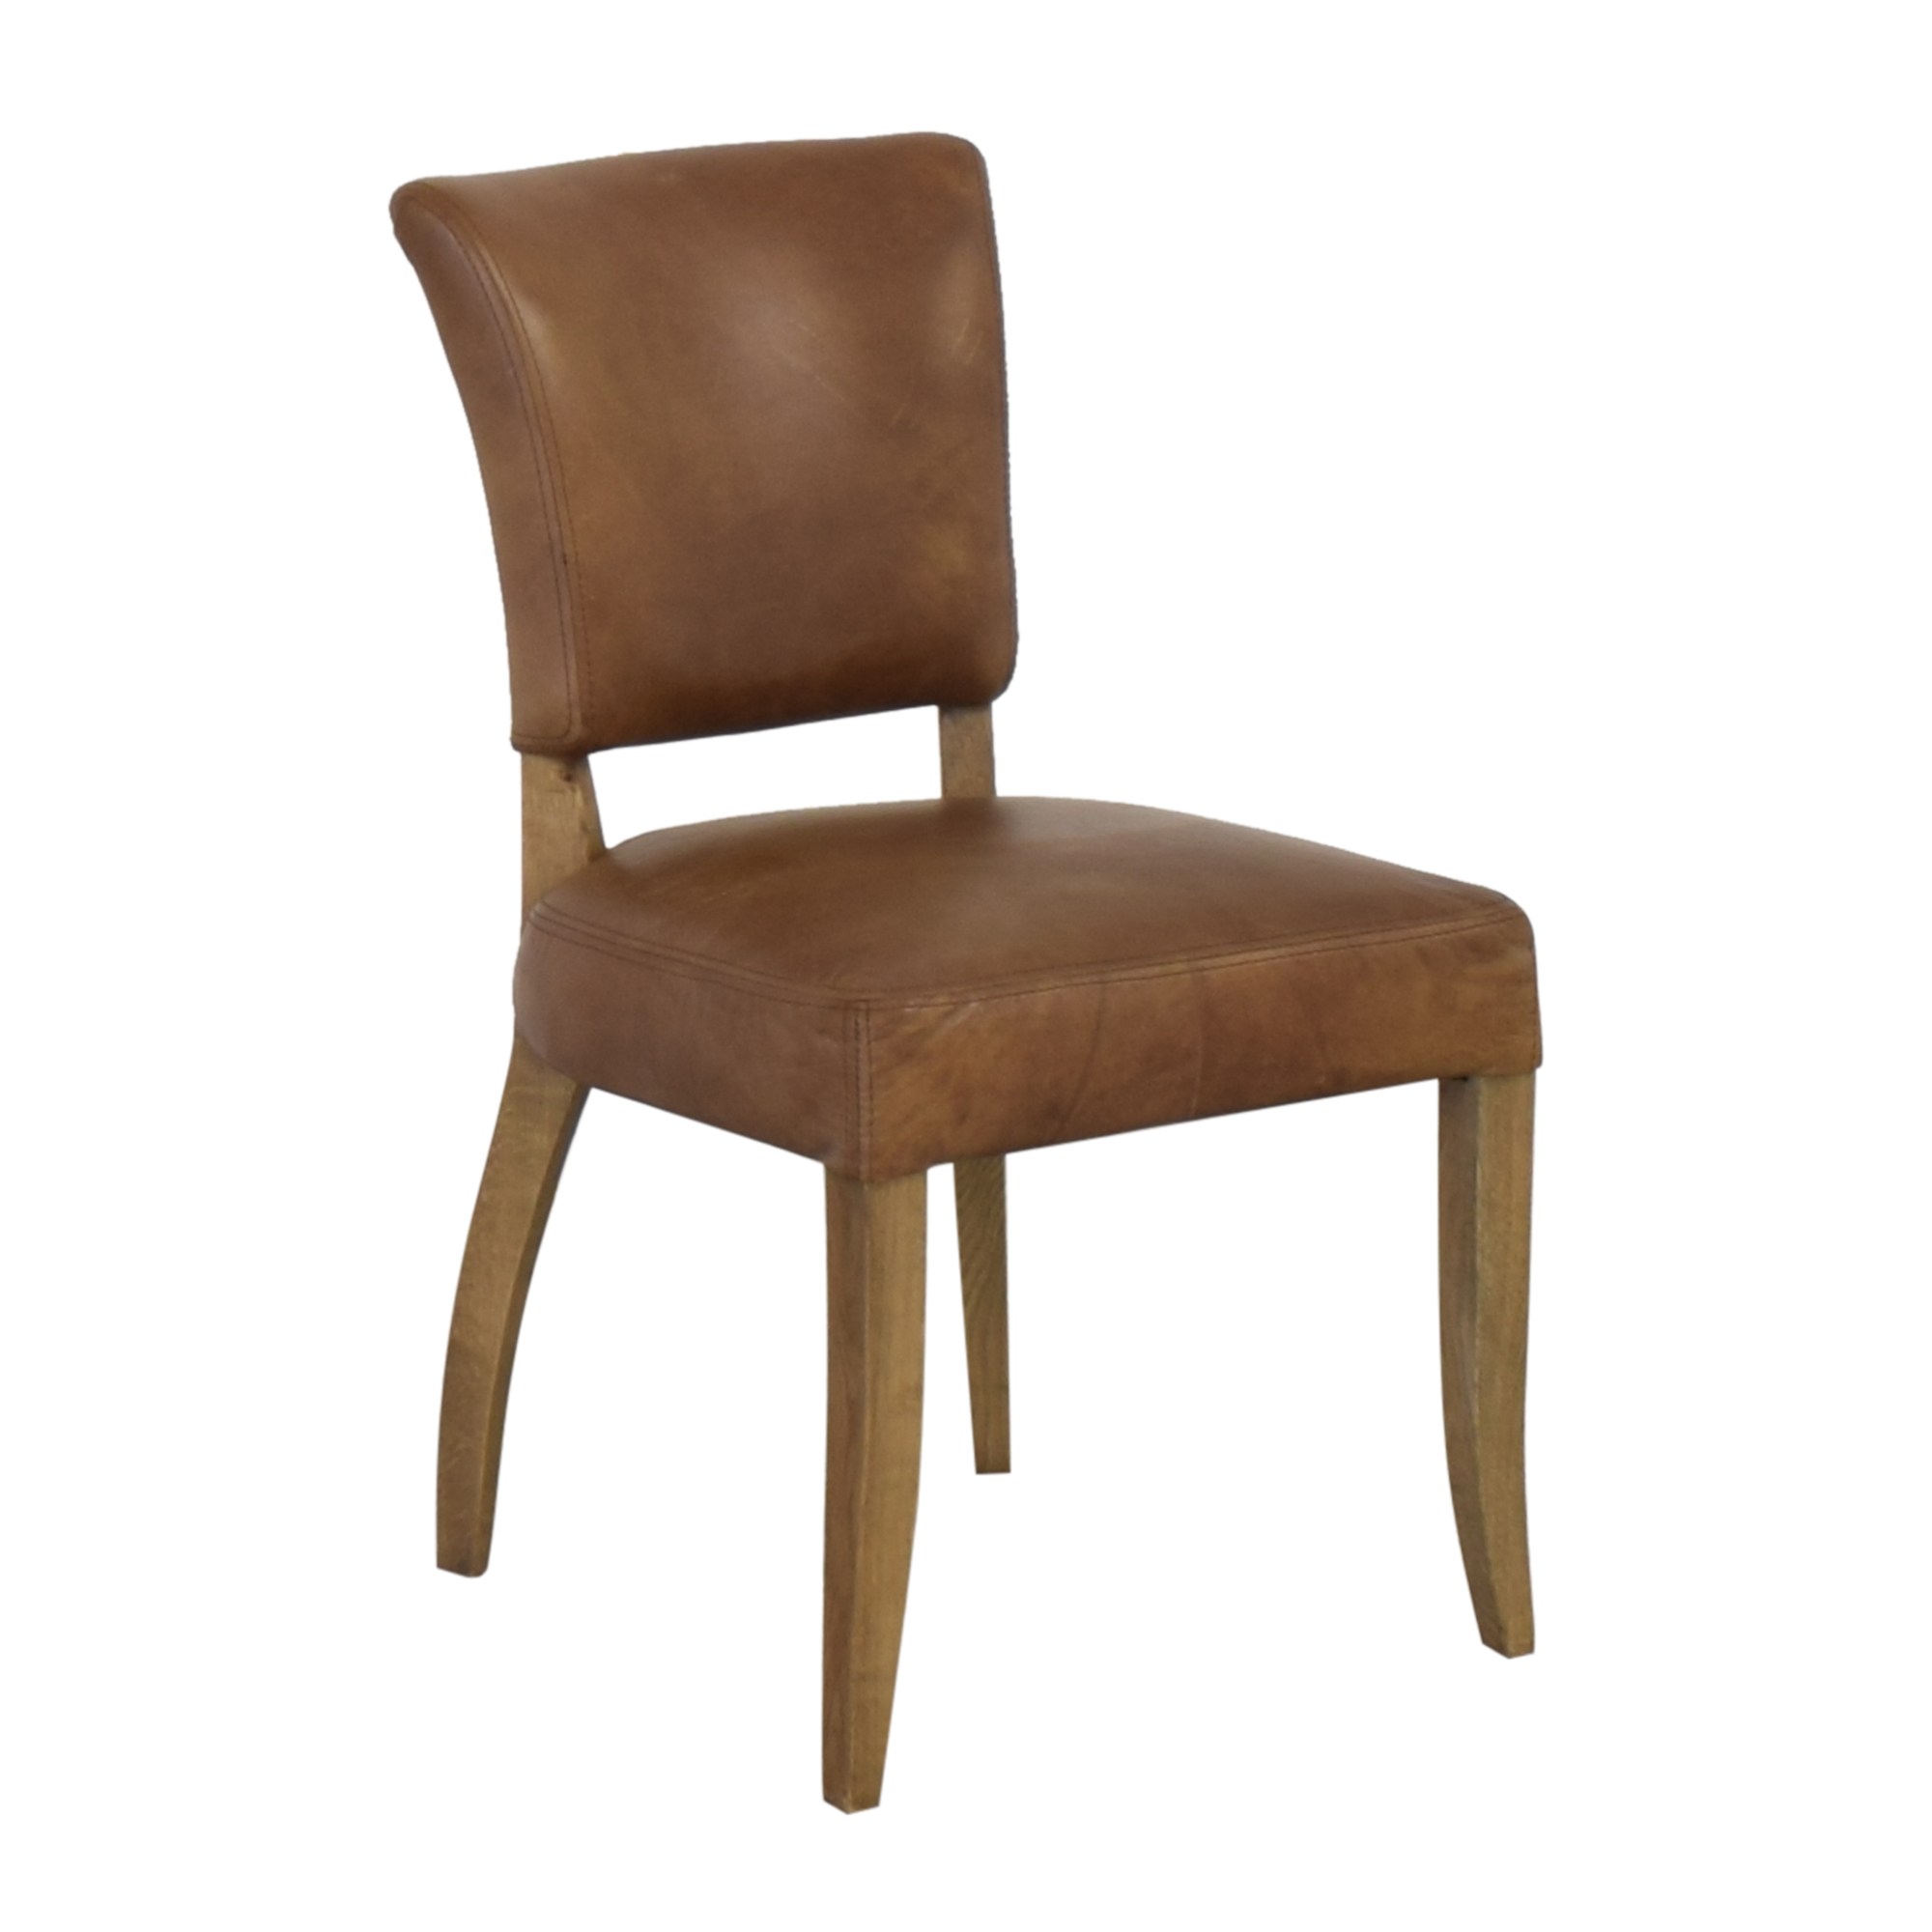 shop Restoration Hardware Adele Leather Side Chair Restoration Hardware